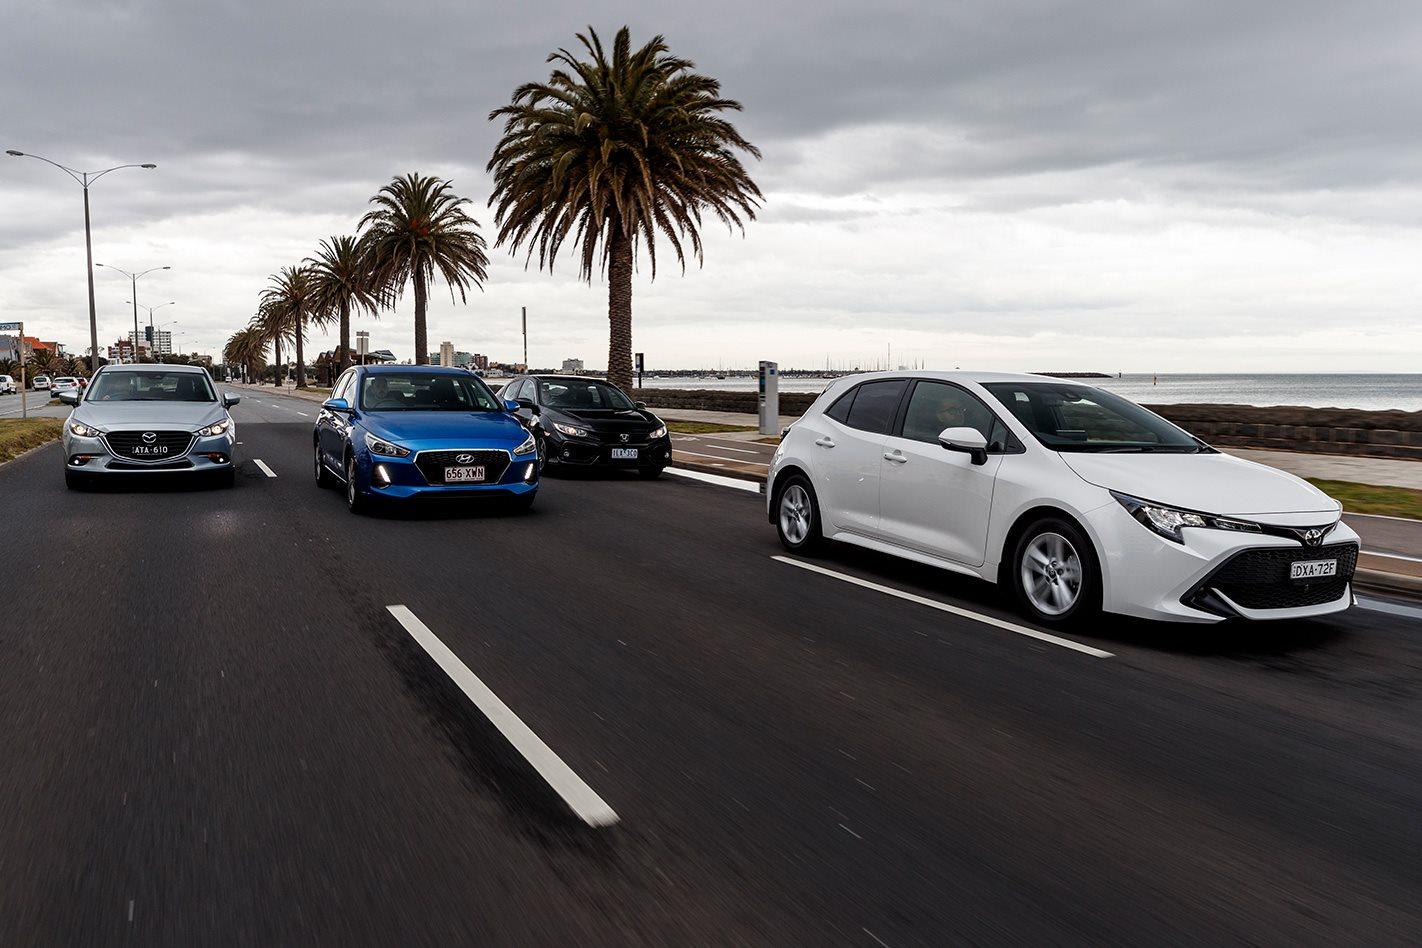 Toyota Corolla vs Hyundai i30 vs Mazda 3 vs Honda Civic comparison